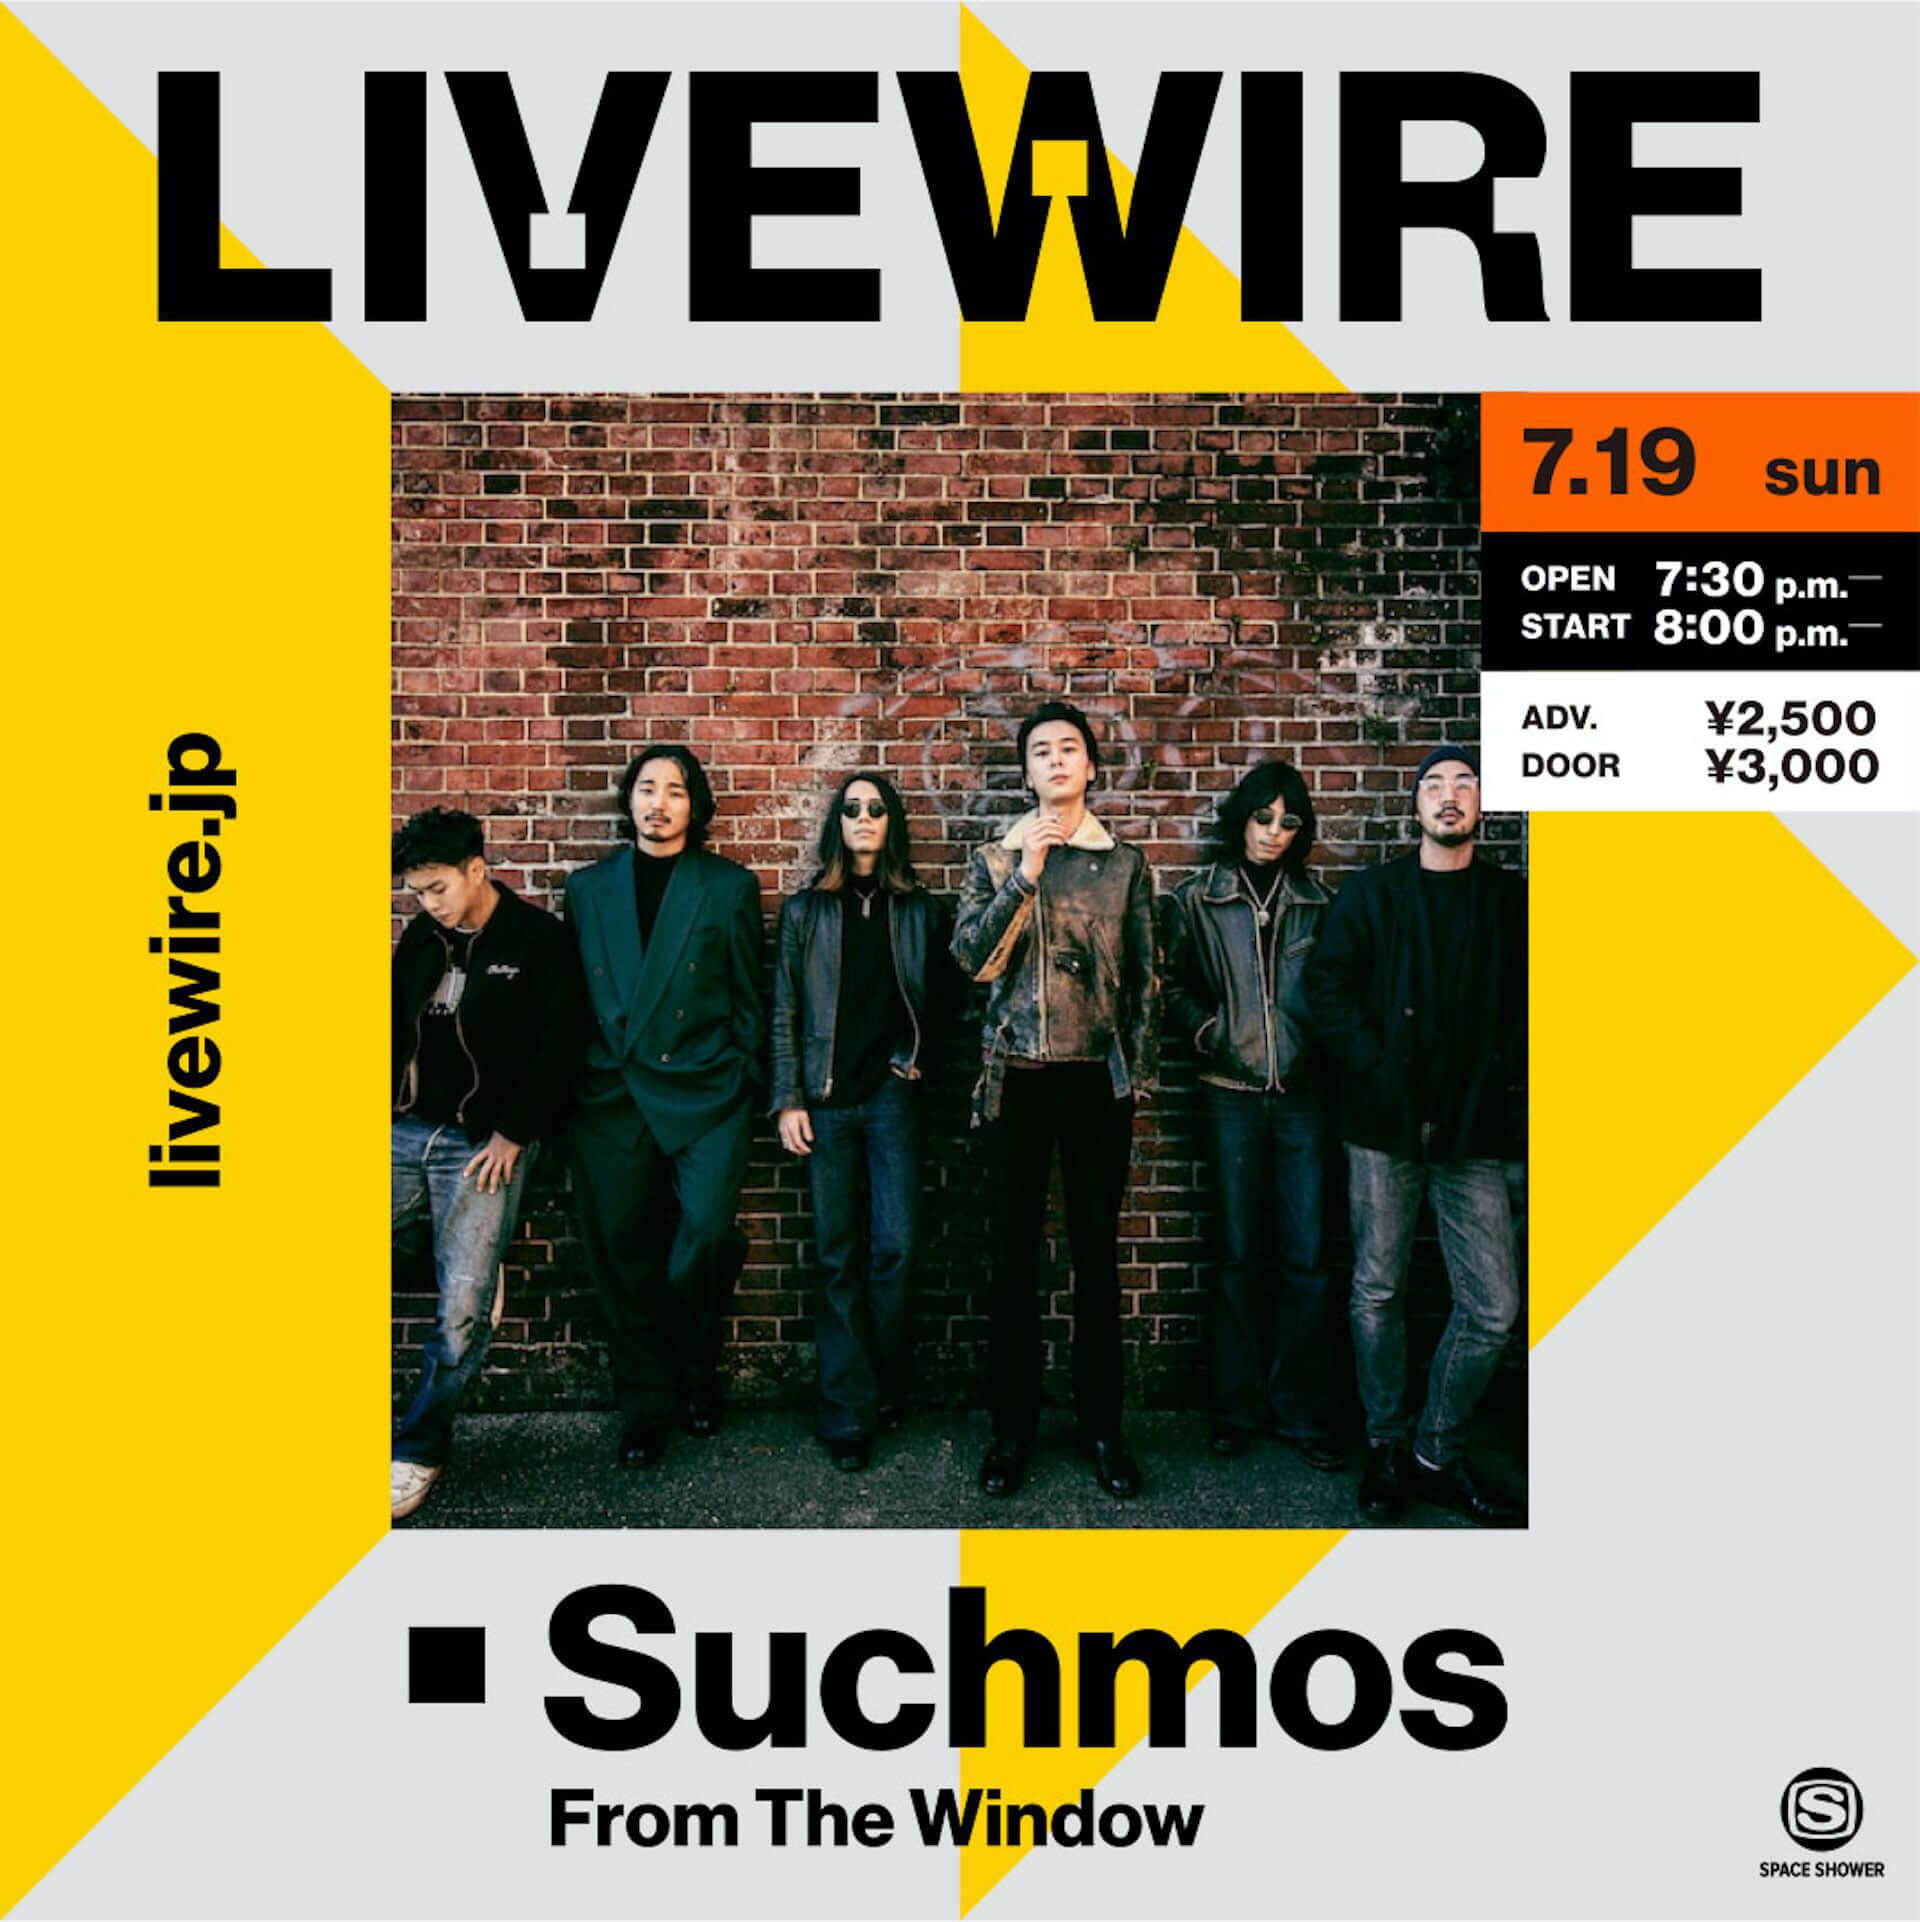 Suchmos初の無観客配信ライブがスペシャ「LIVEWIRE」にて開催決定!前売りチケットが本日発売 music200701_suchmos_1-1920x1922